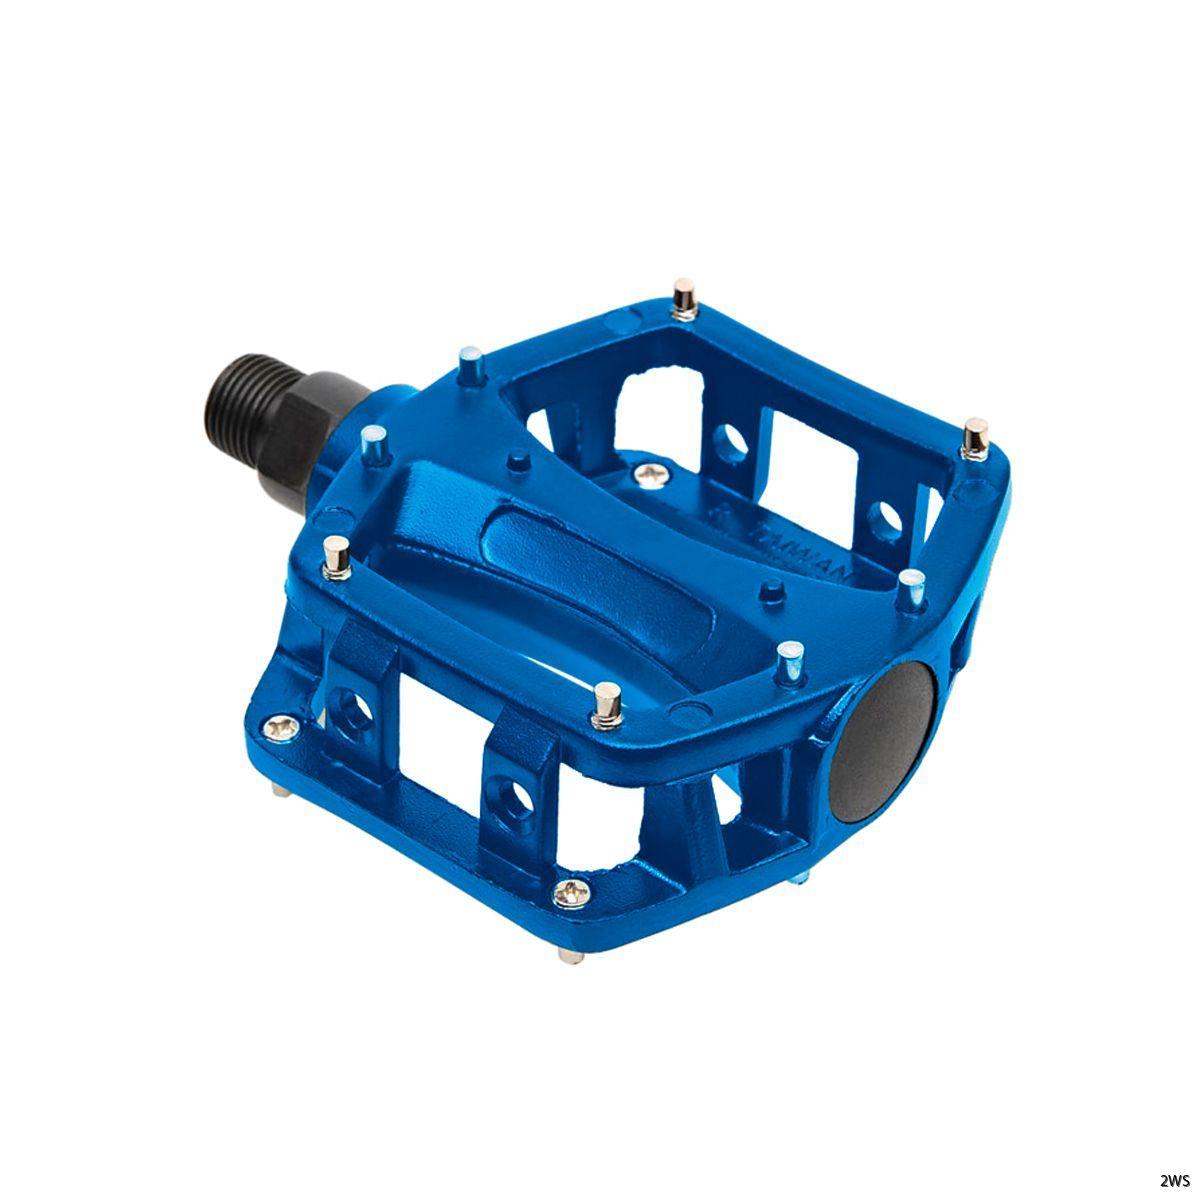 wellgo-mini-lu-204-pedals (2)